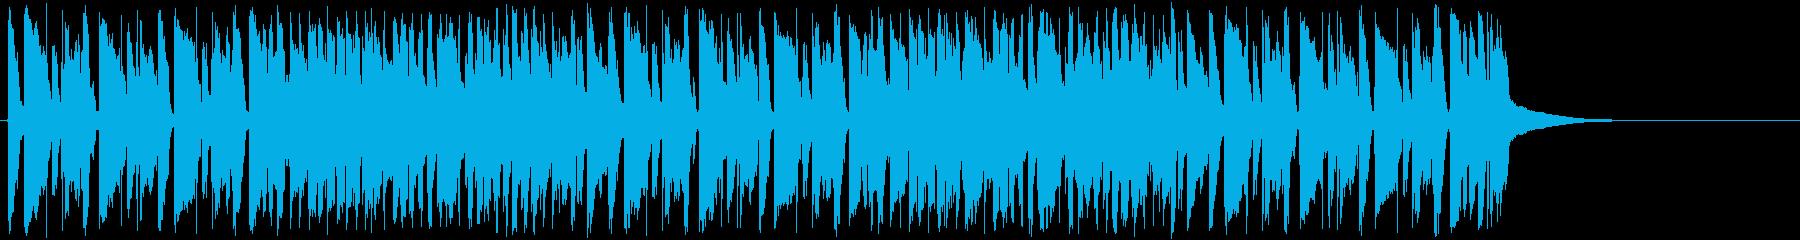 トランペットが印象的な明るいジャズの曲の再生済みの波形